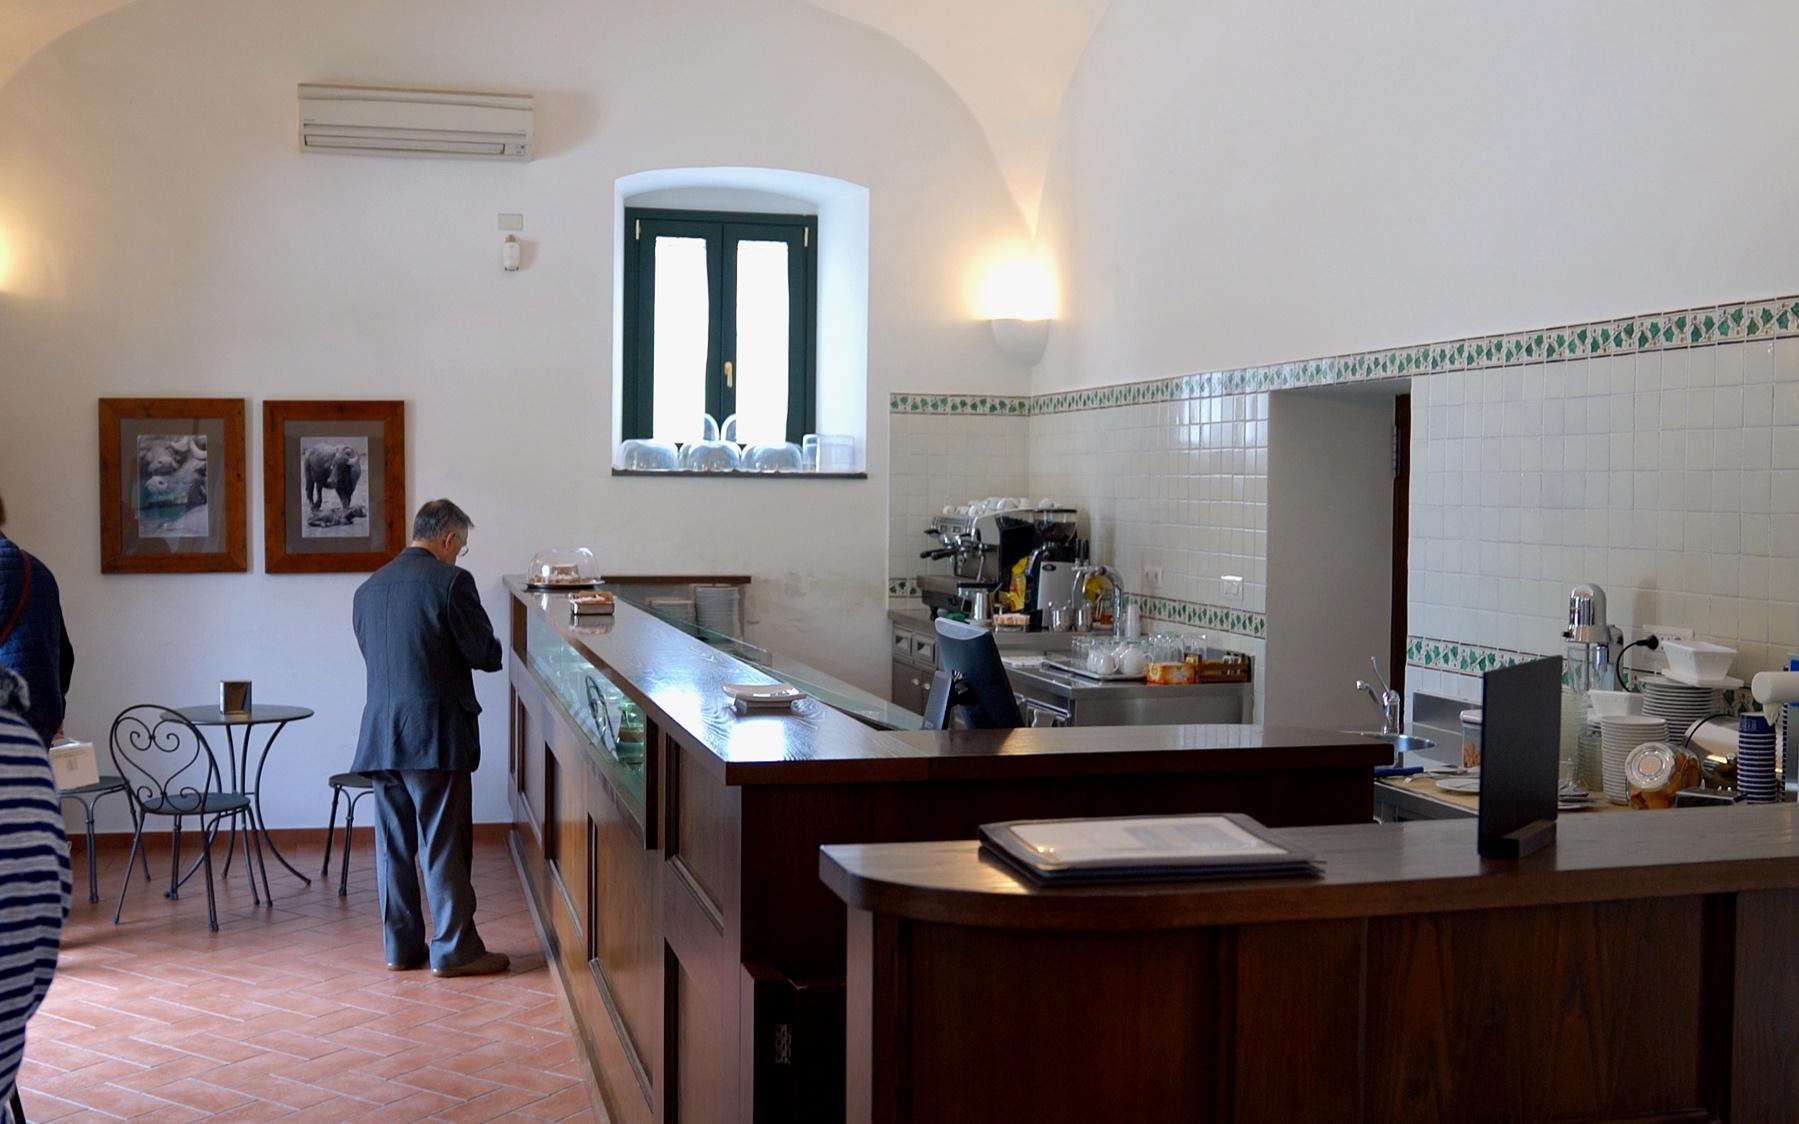 The mozzarella factory cafe.